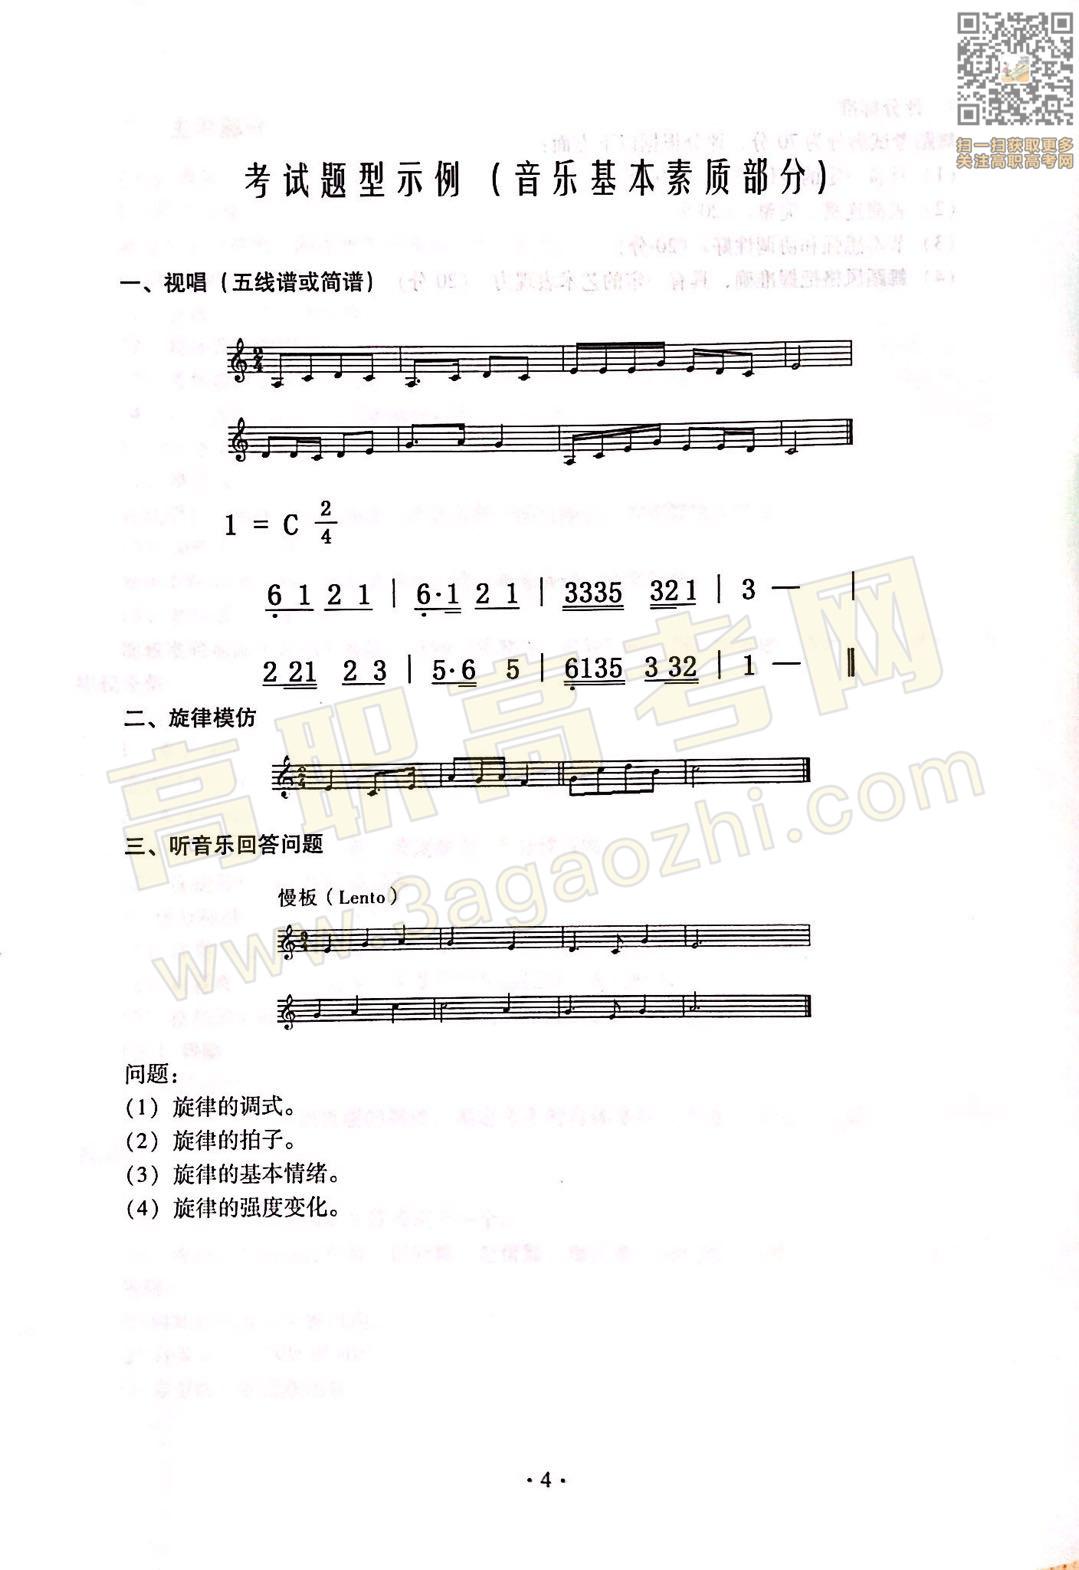 音乐综合课程证书,2020年广东中职技能课程考试大纲及样题